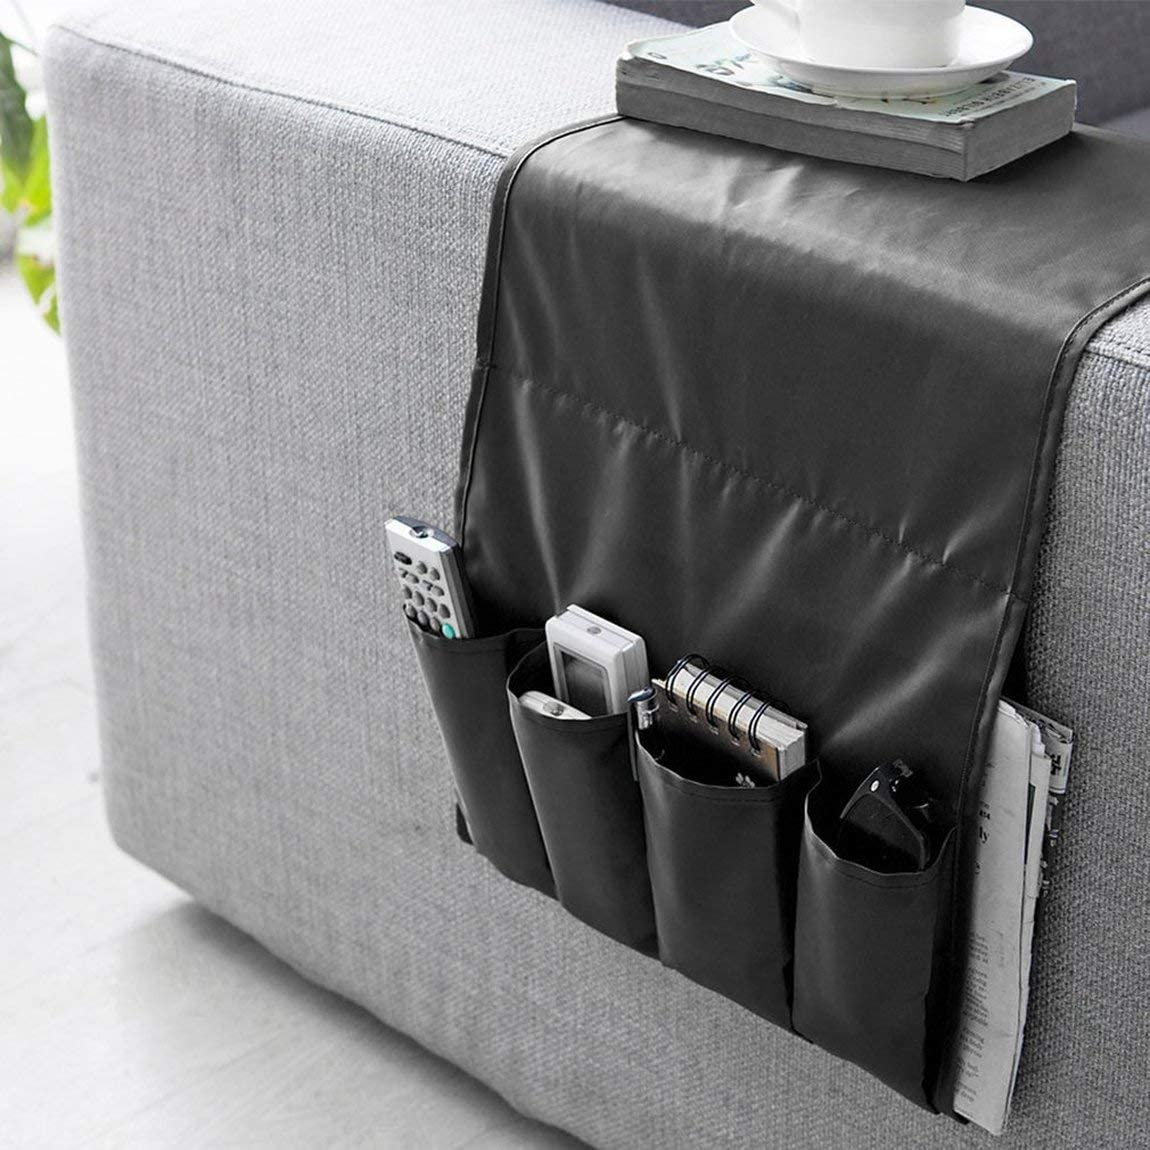 73JohnPol Sofa Couch Stuhl Armlehne Caddy Tasche Organizer Aufbewahrungstasche Multipockets f/ür B/ücher Handys Fernbedienung schwarz